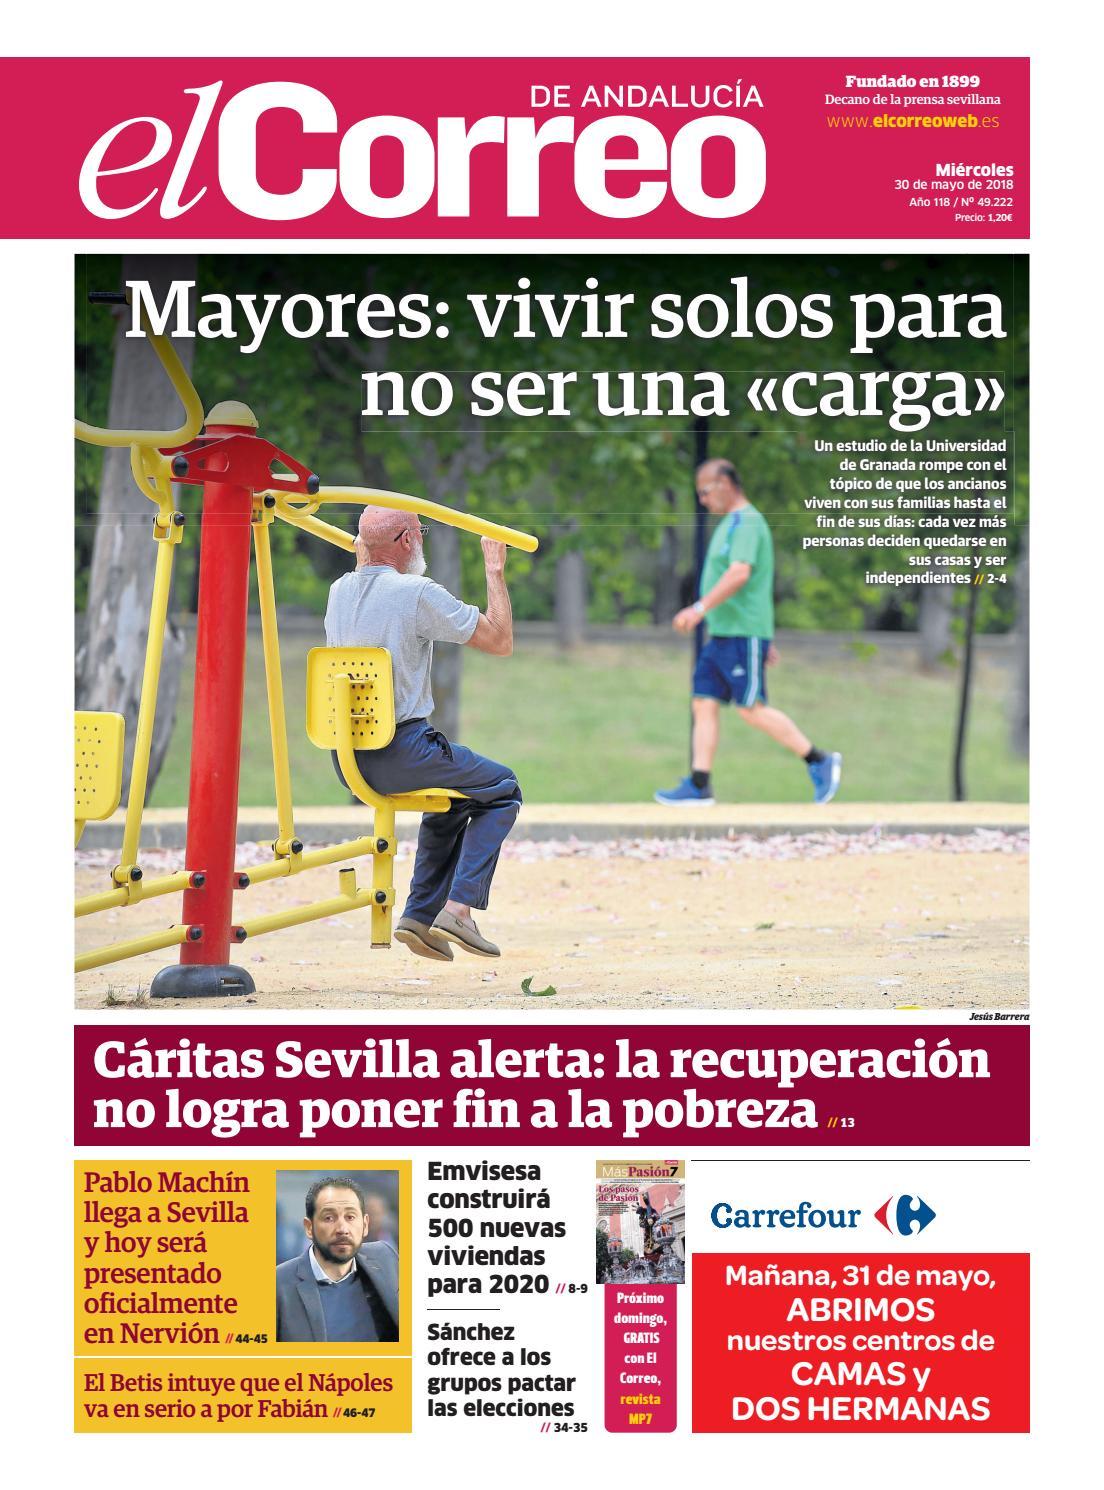 30.05.2018 El Correo de Andalucía by EL CORREO DE ANDALUCÍA S.L. - issuu dee9c9fce864f